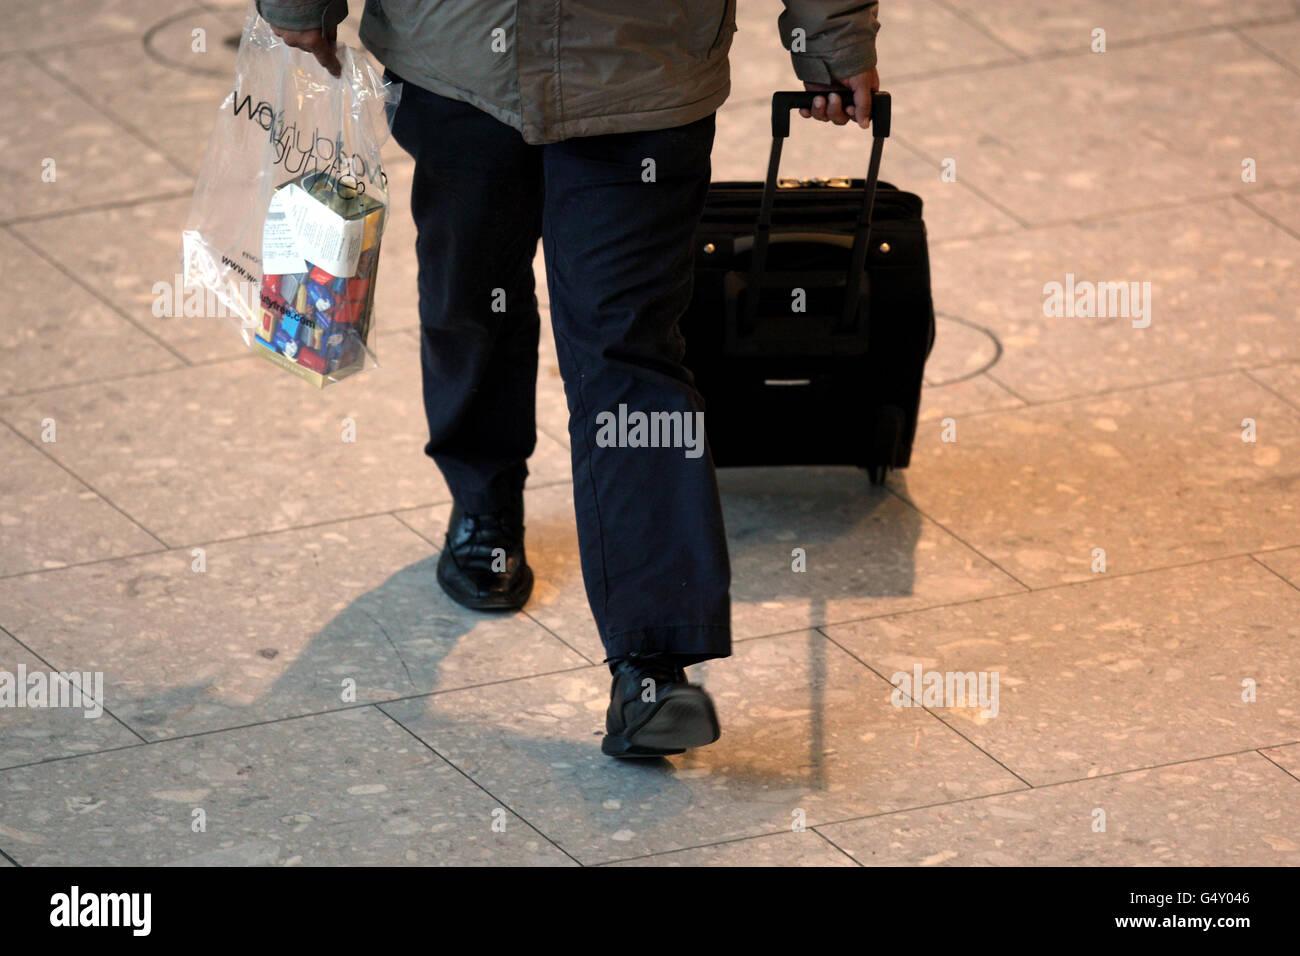 Un passager pousse ses bagages dans le terminal 5 de Heathrow Aéroport Banque D'Images